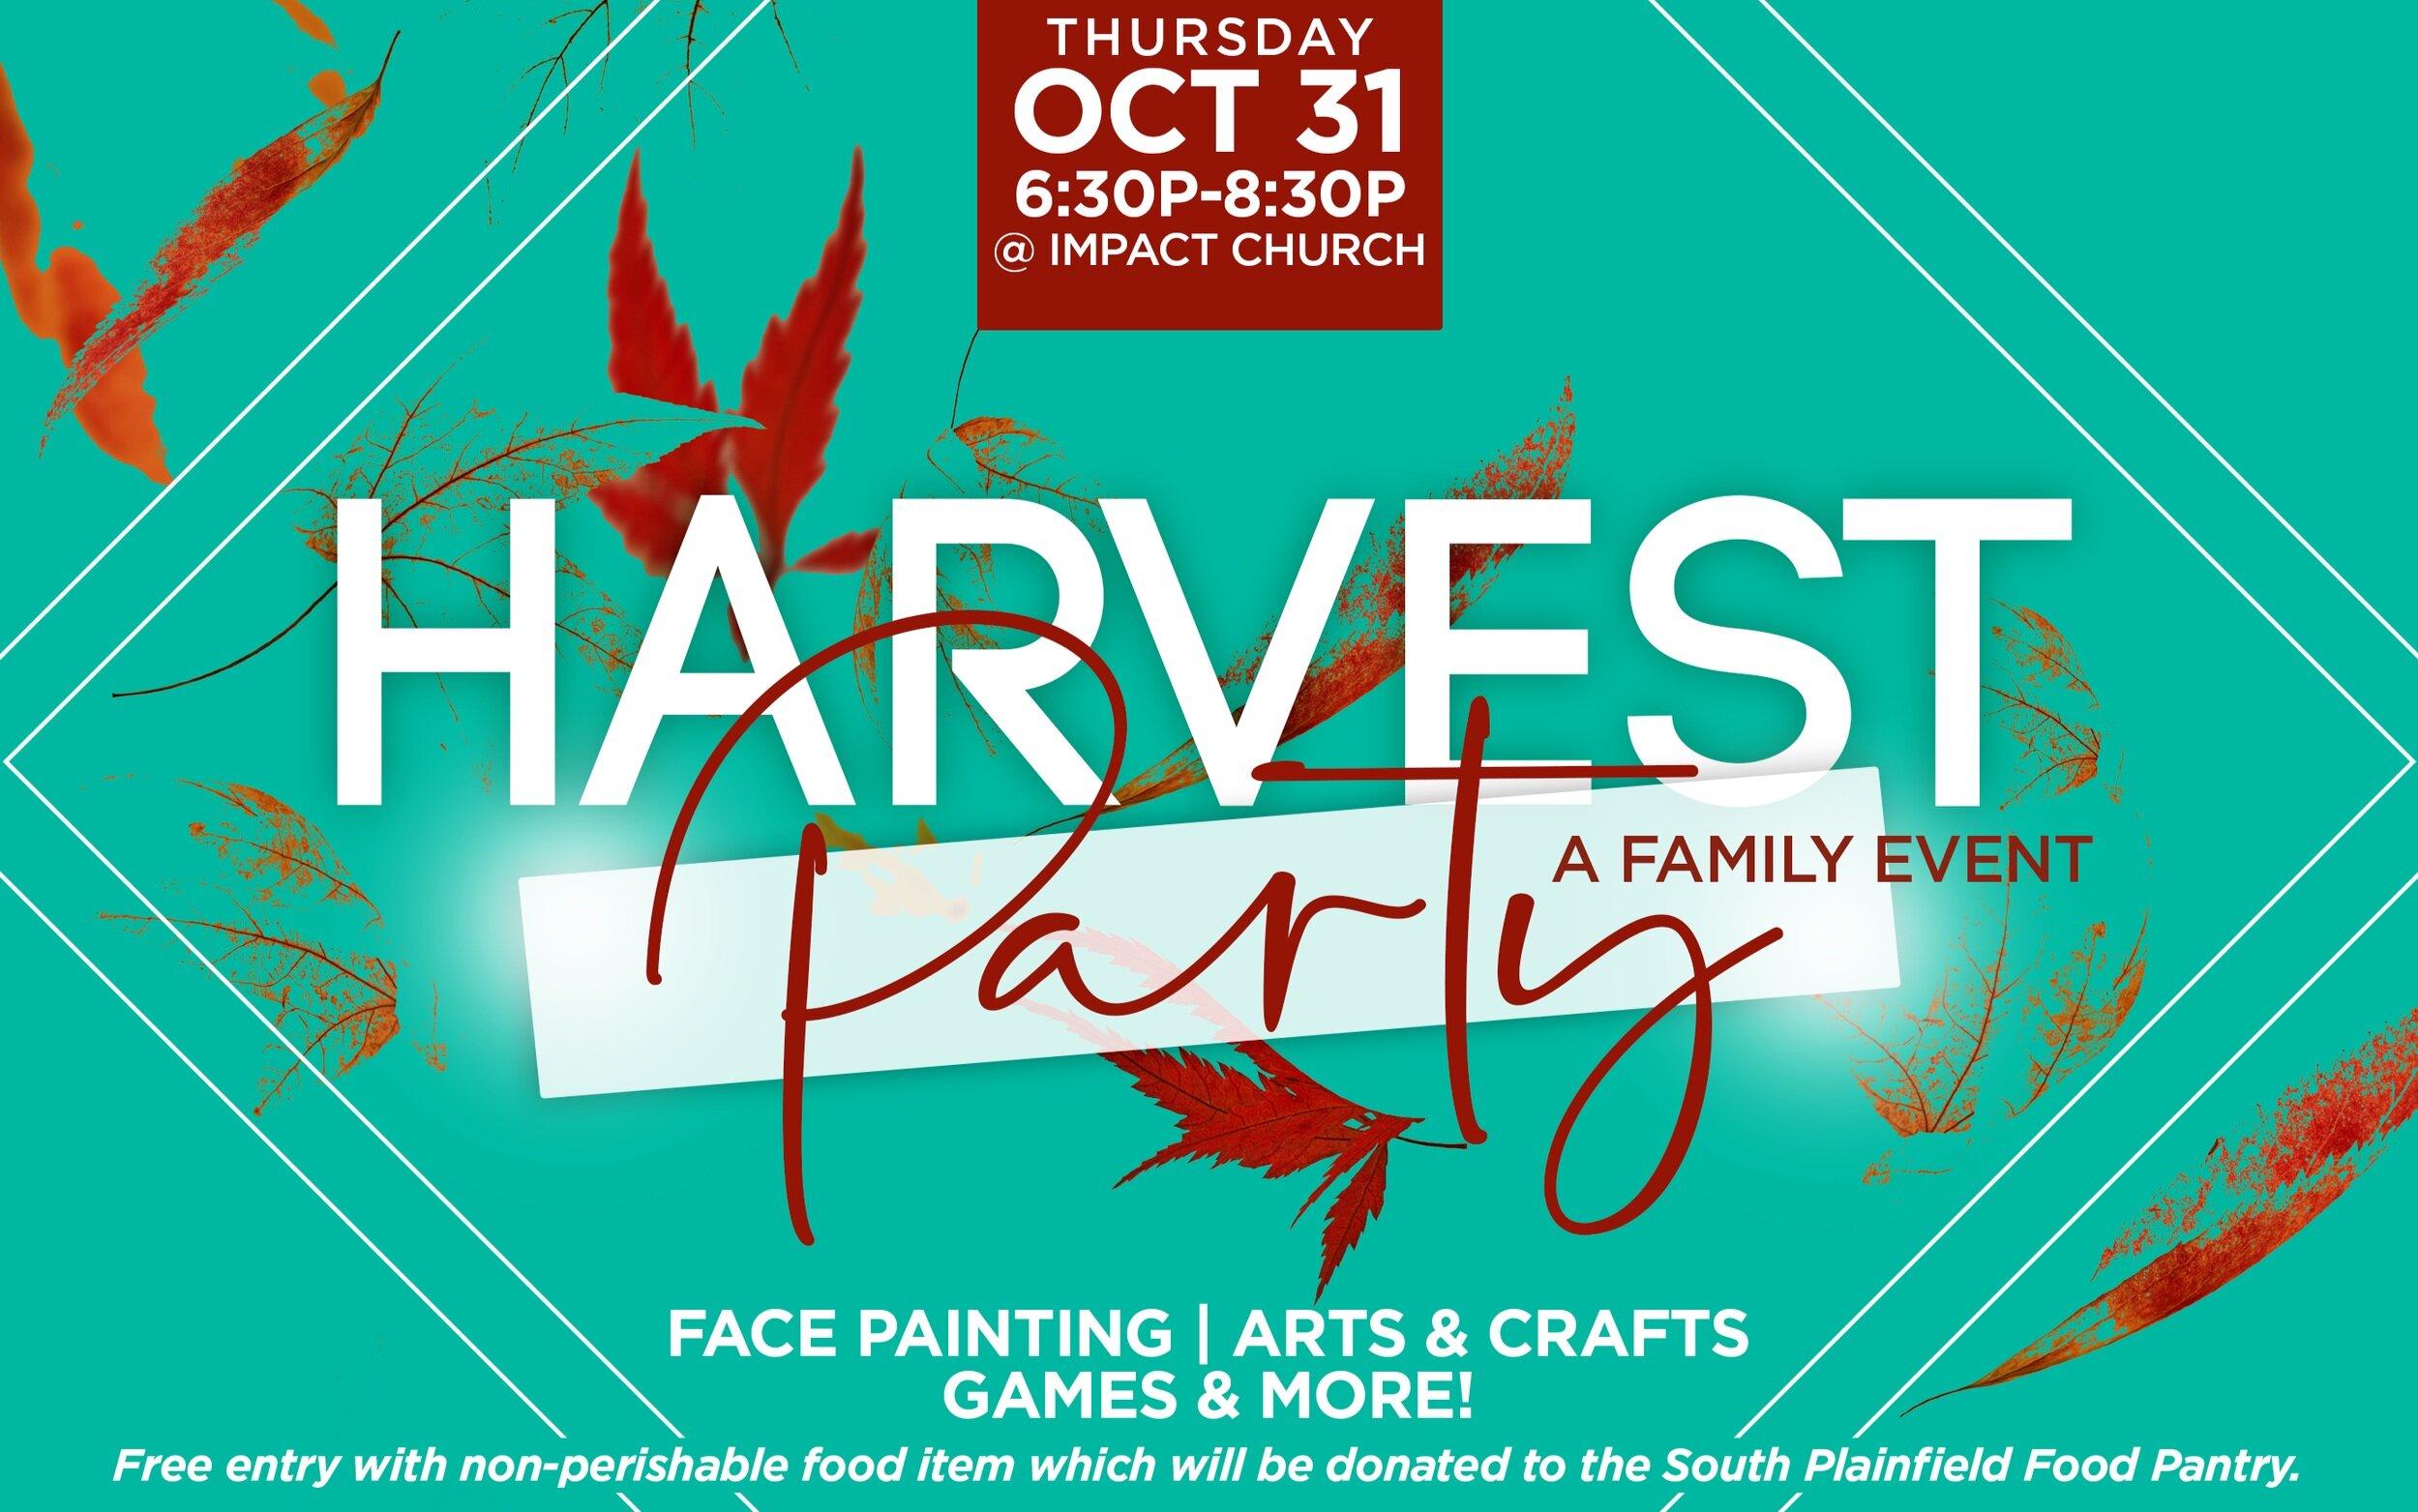 Harvest_post.jpg